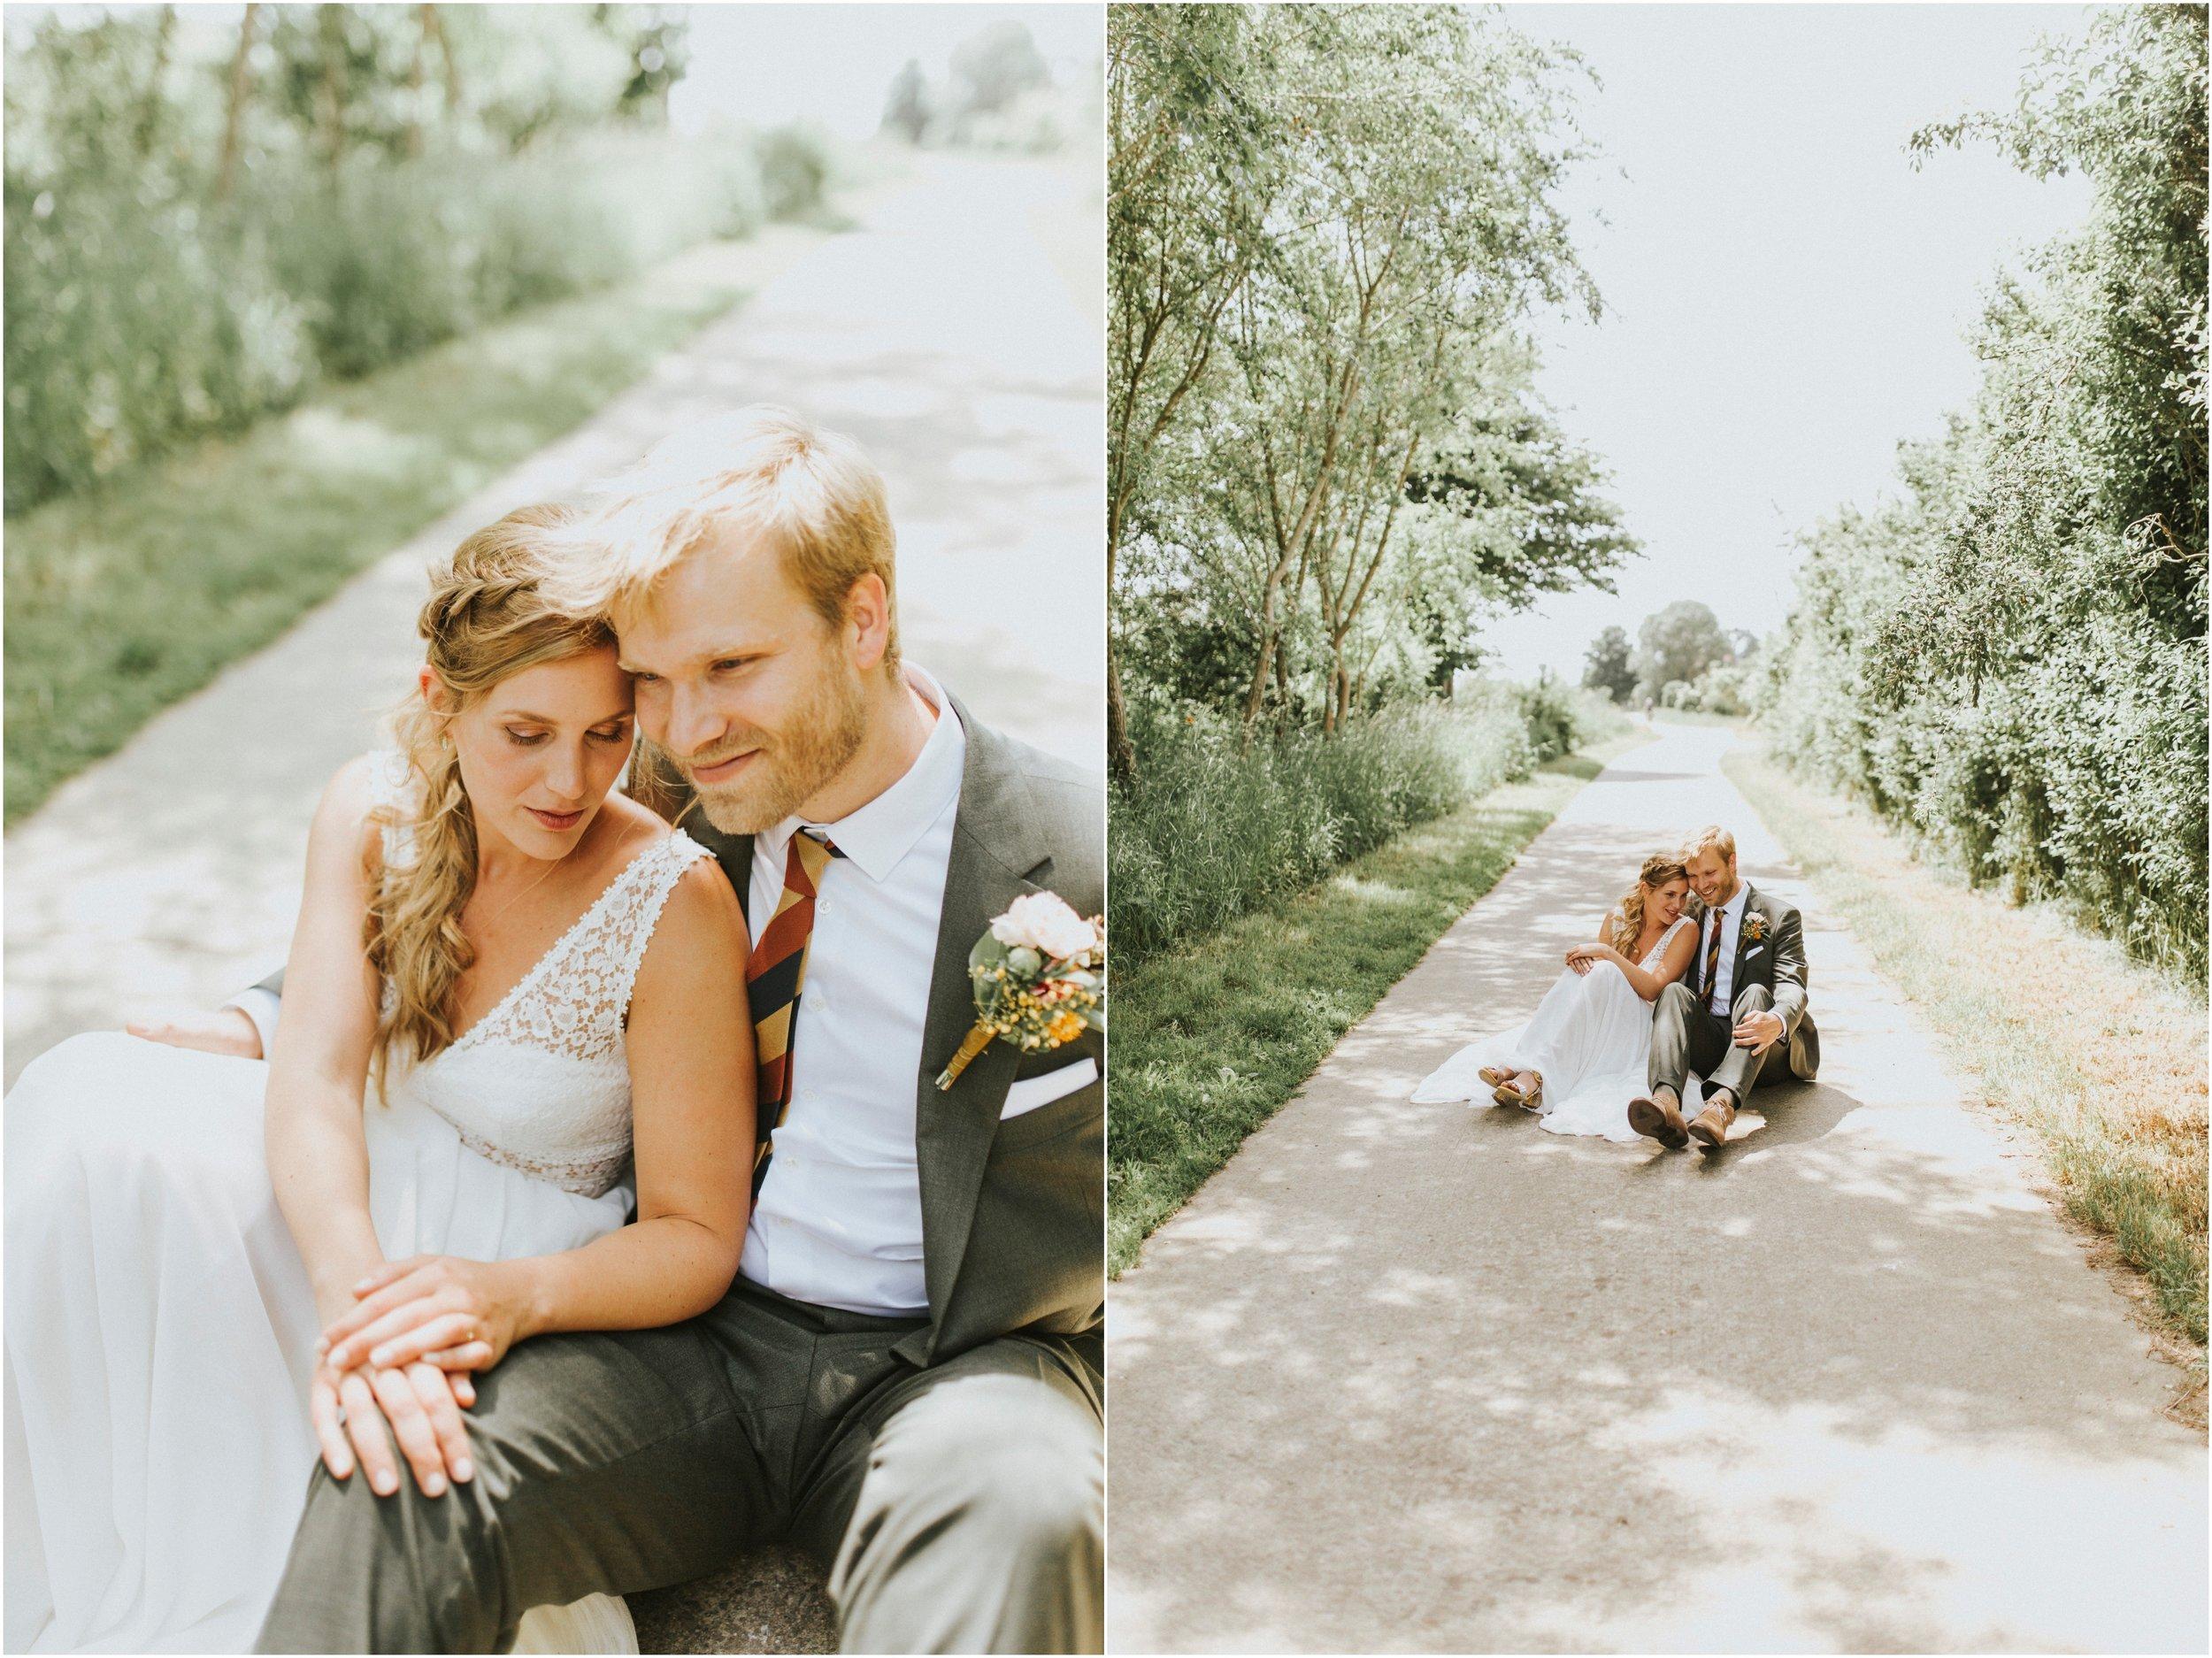 Stefanie & Pieter-Jan388_lowres.jpg